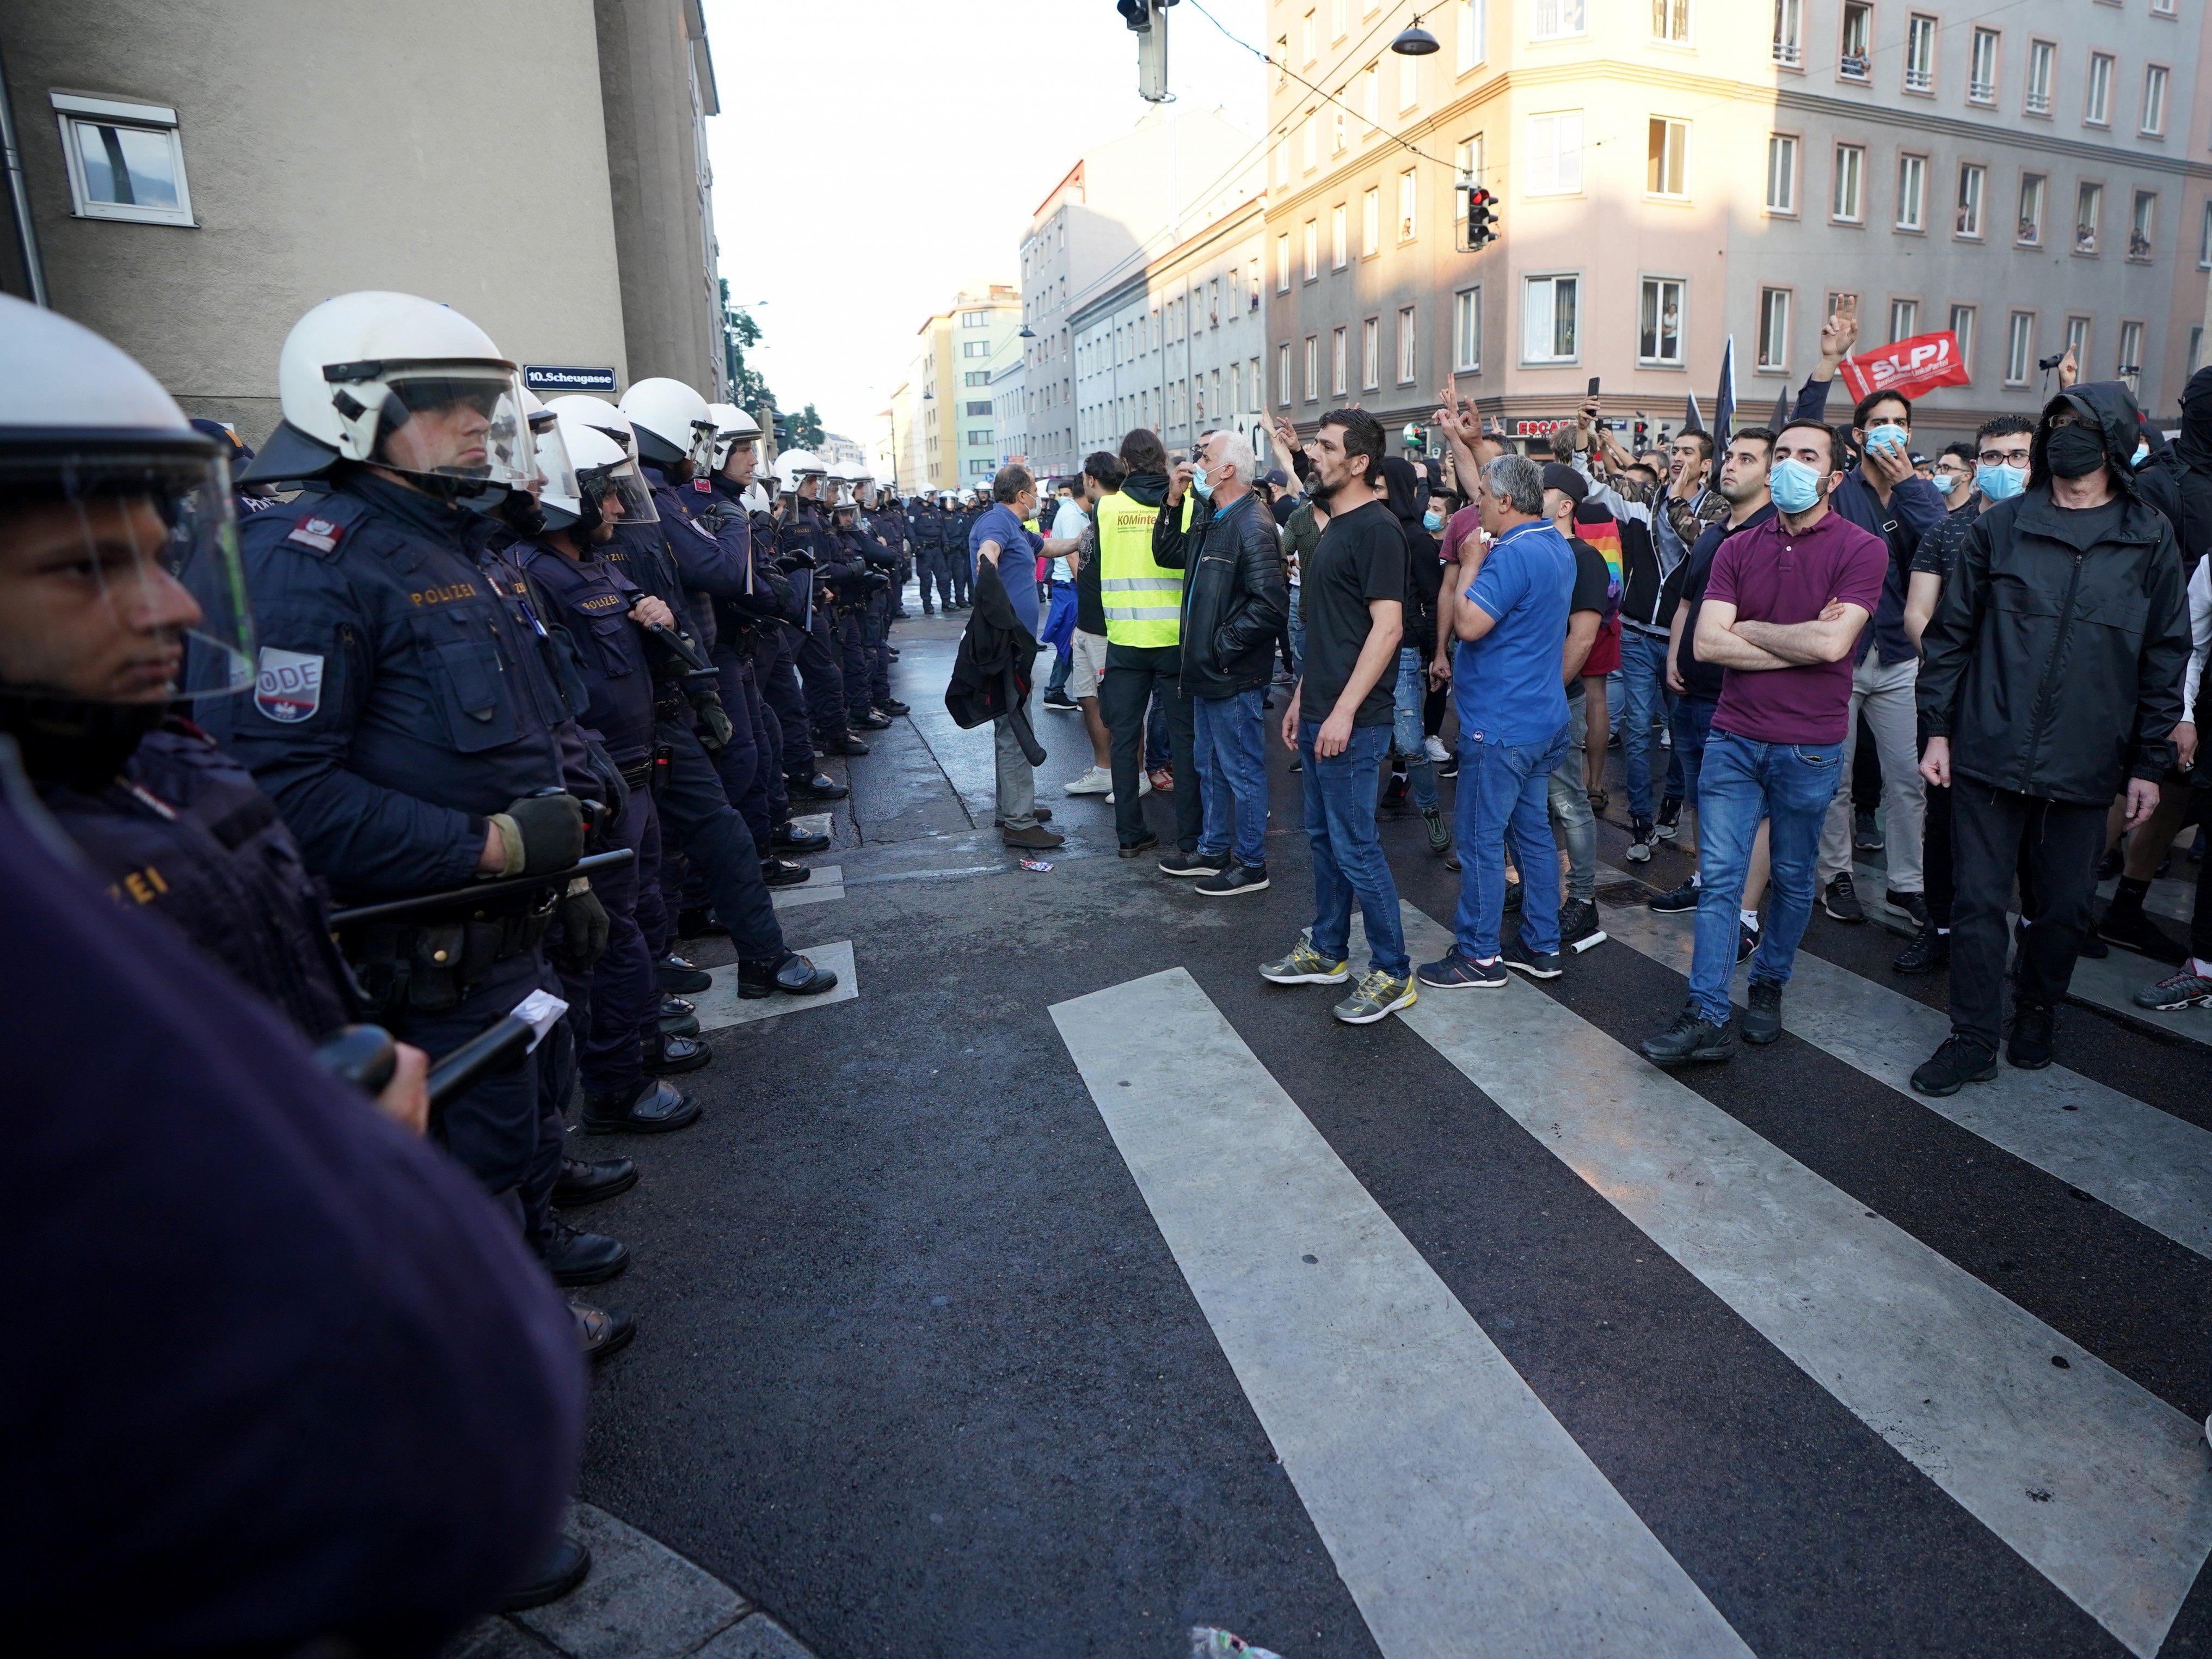 Infos an Geheimdienst: Türkischer Spion war bei Demo in Wien-Favoriten -  Vienna Online